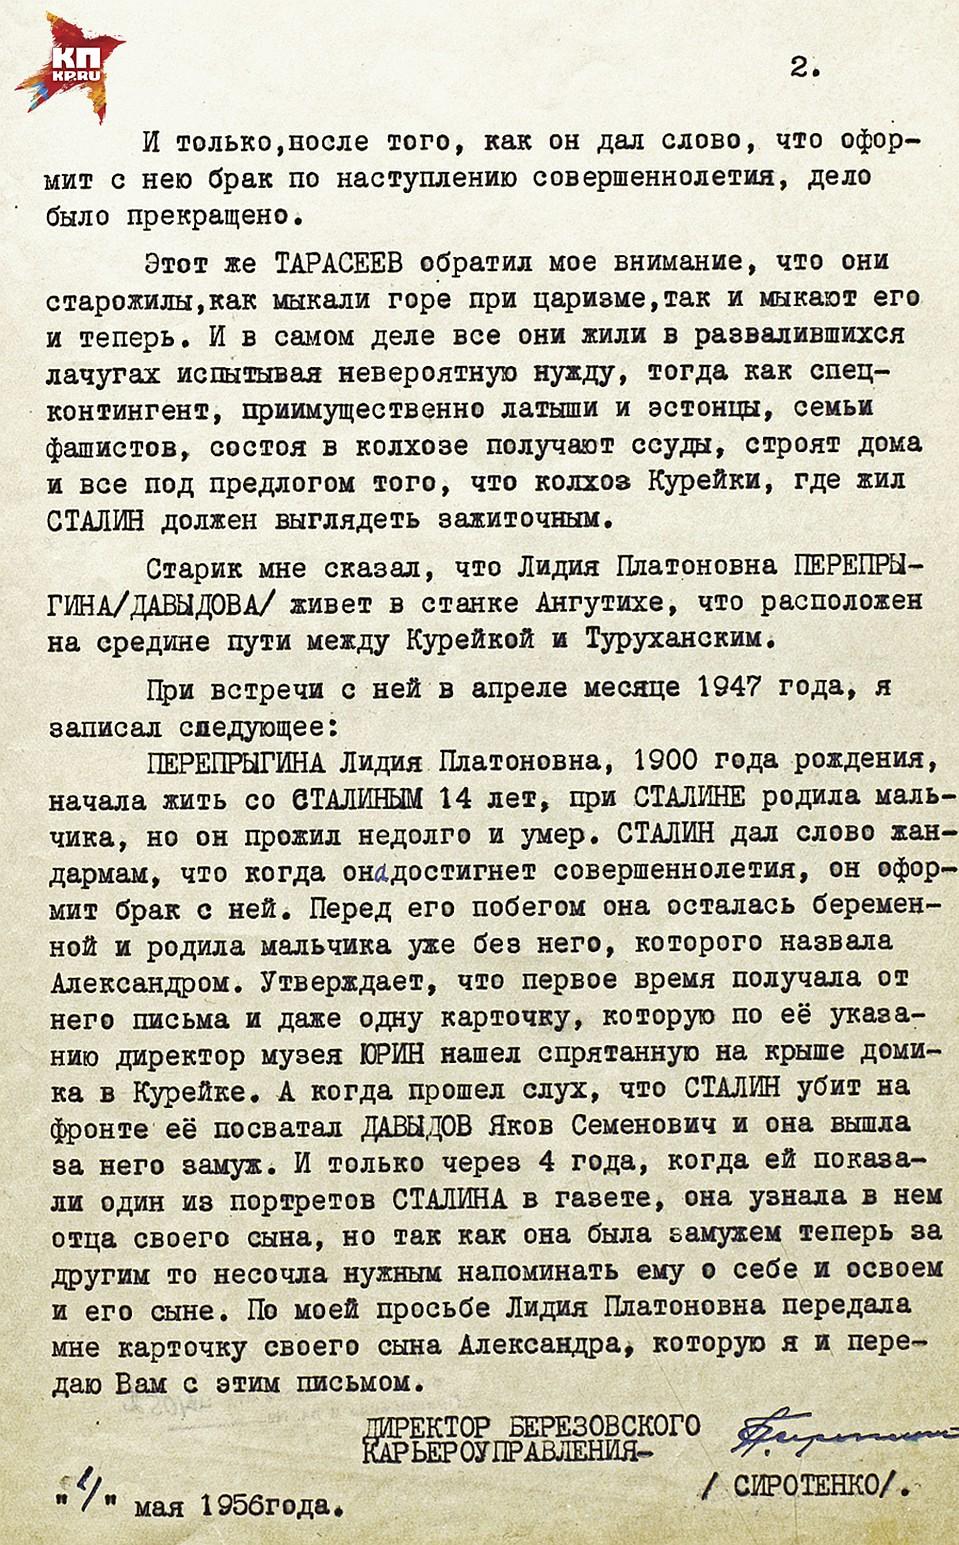 Собирая информацию о родственниках вождя, бывший инструктор отдела пропаганды Сиротенко явно узнал лишнее.